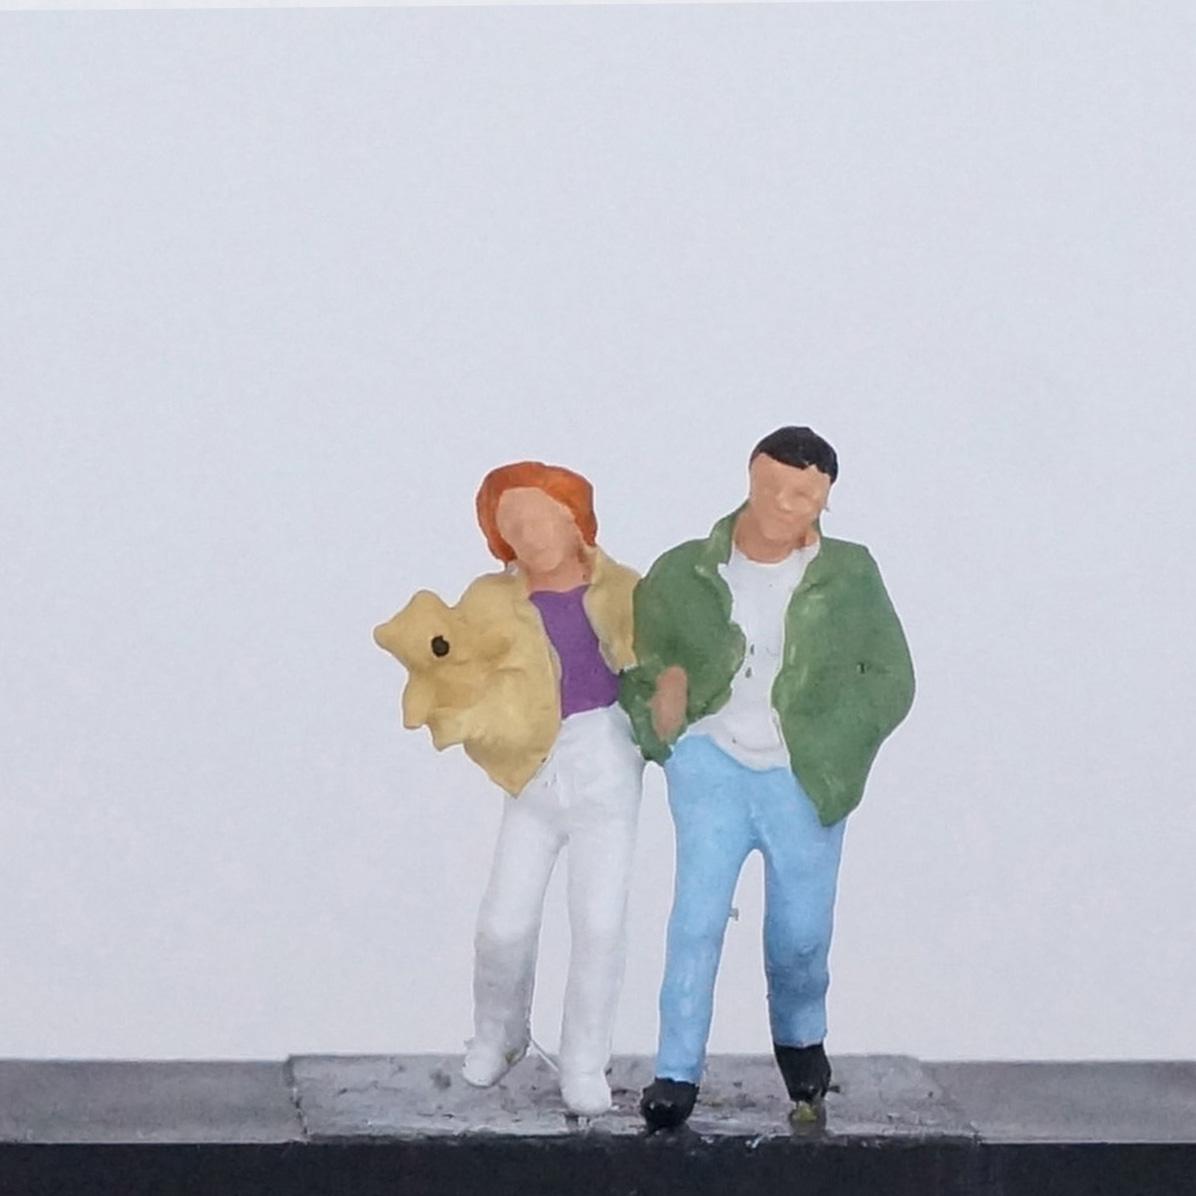 Frau mit Teddy und Mann